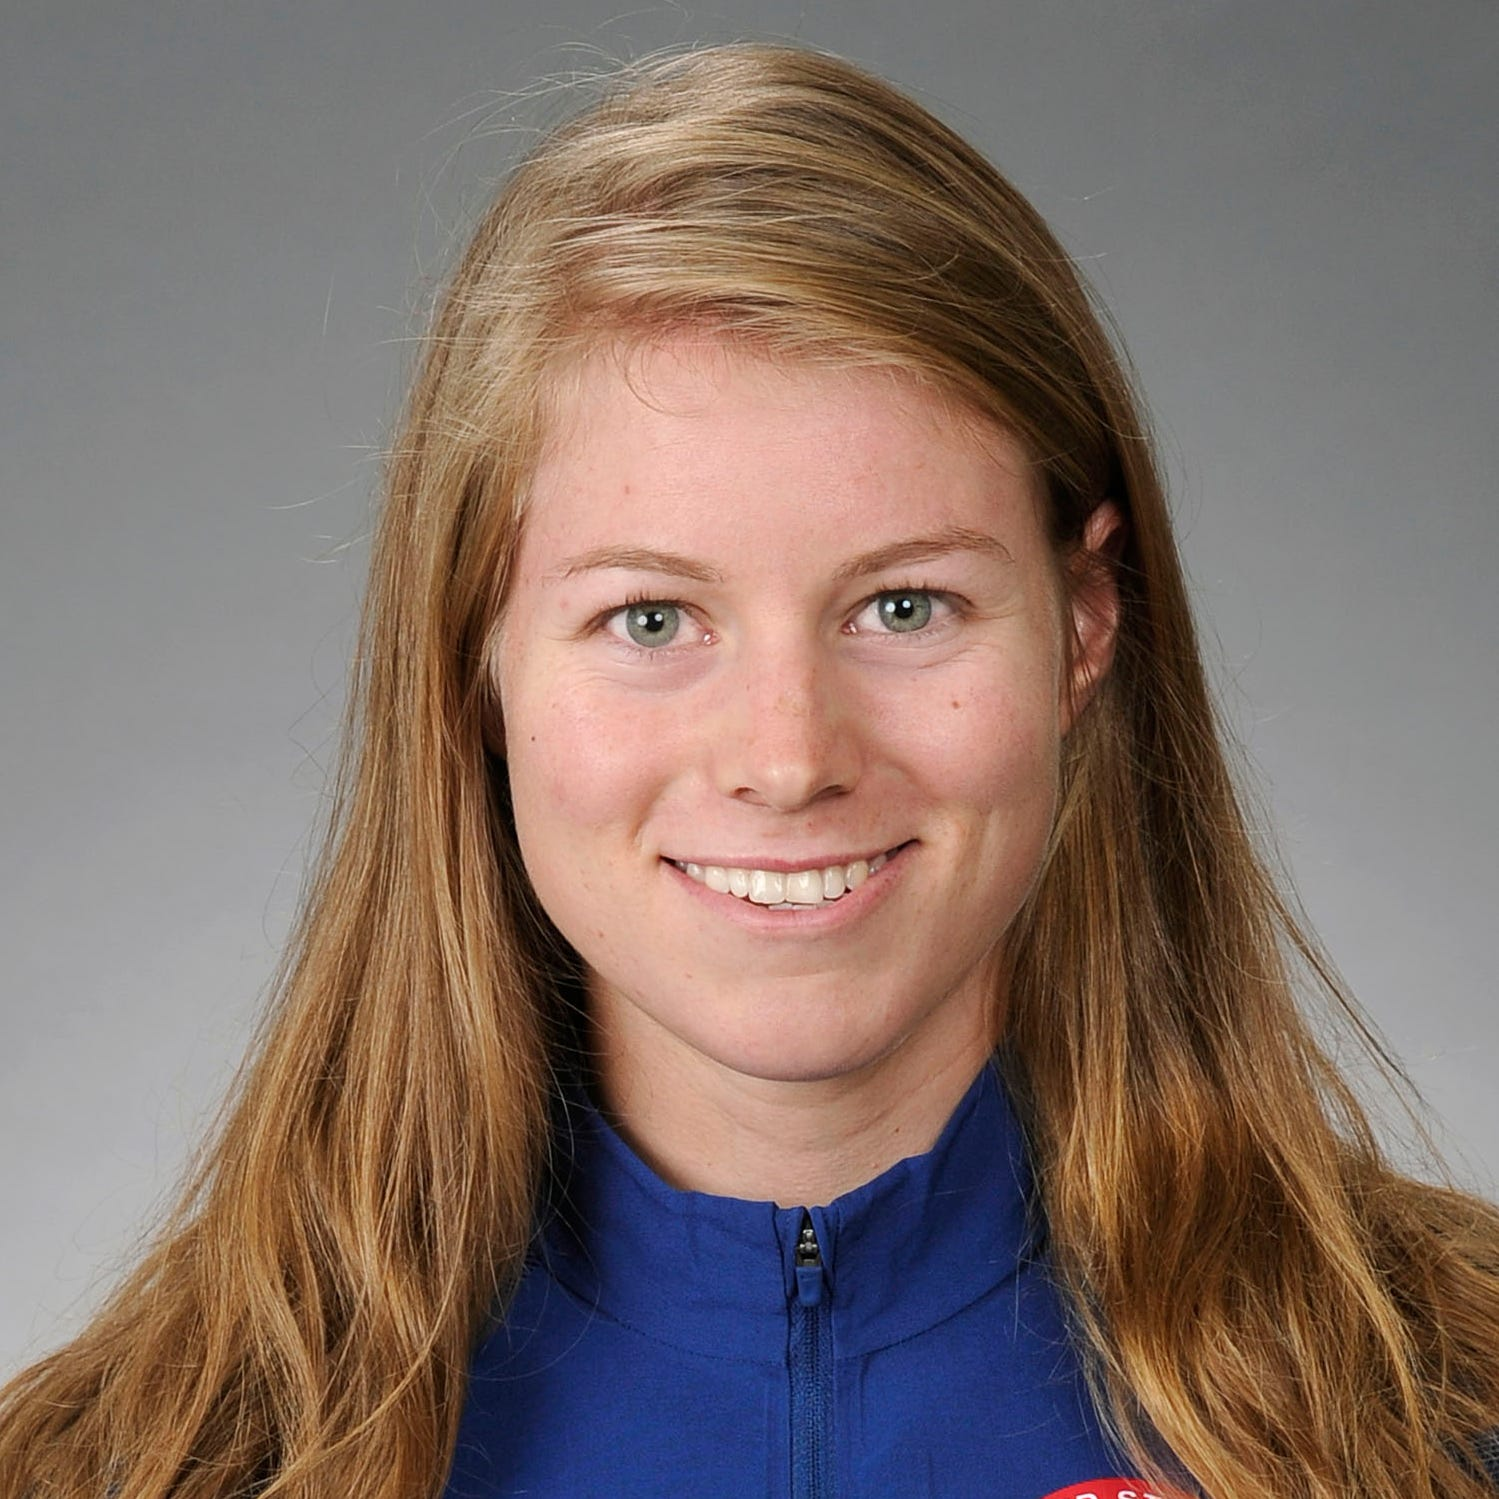 Jennifer Valente